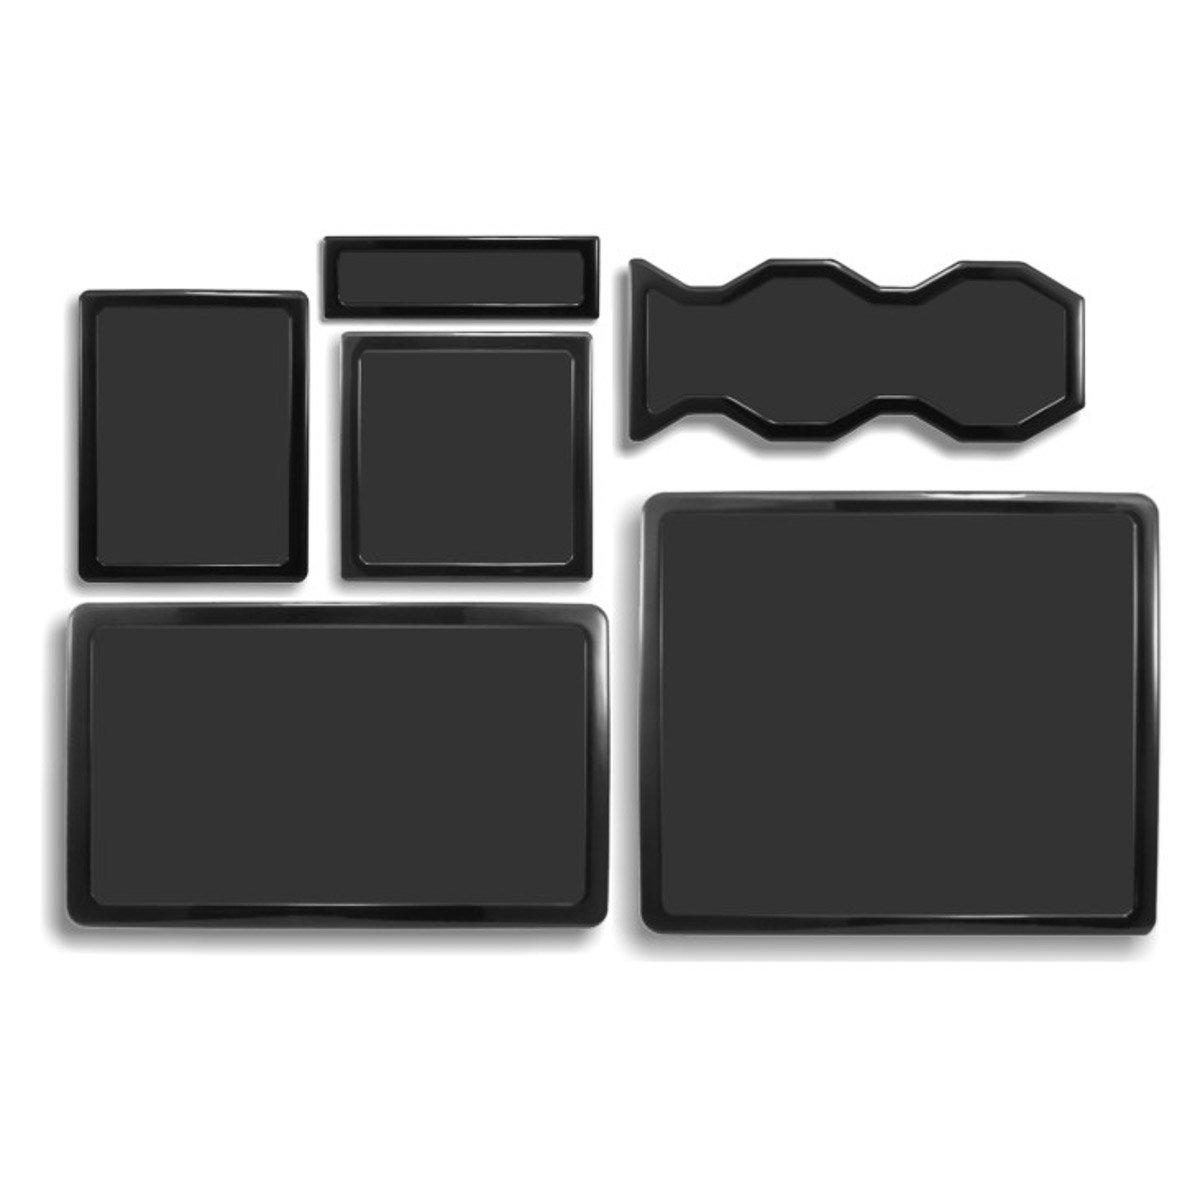 DEMCiflex Dust Filter Kit for Cooler Master HAF 932 (6 Filters), Black Frame/Black Mesh by DEMCiflex